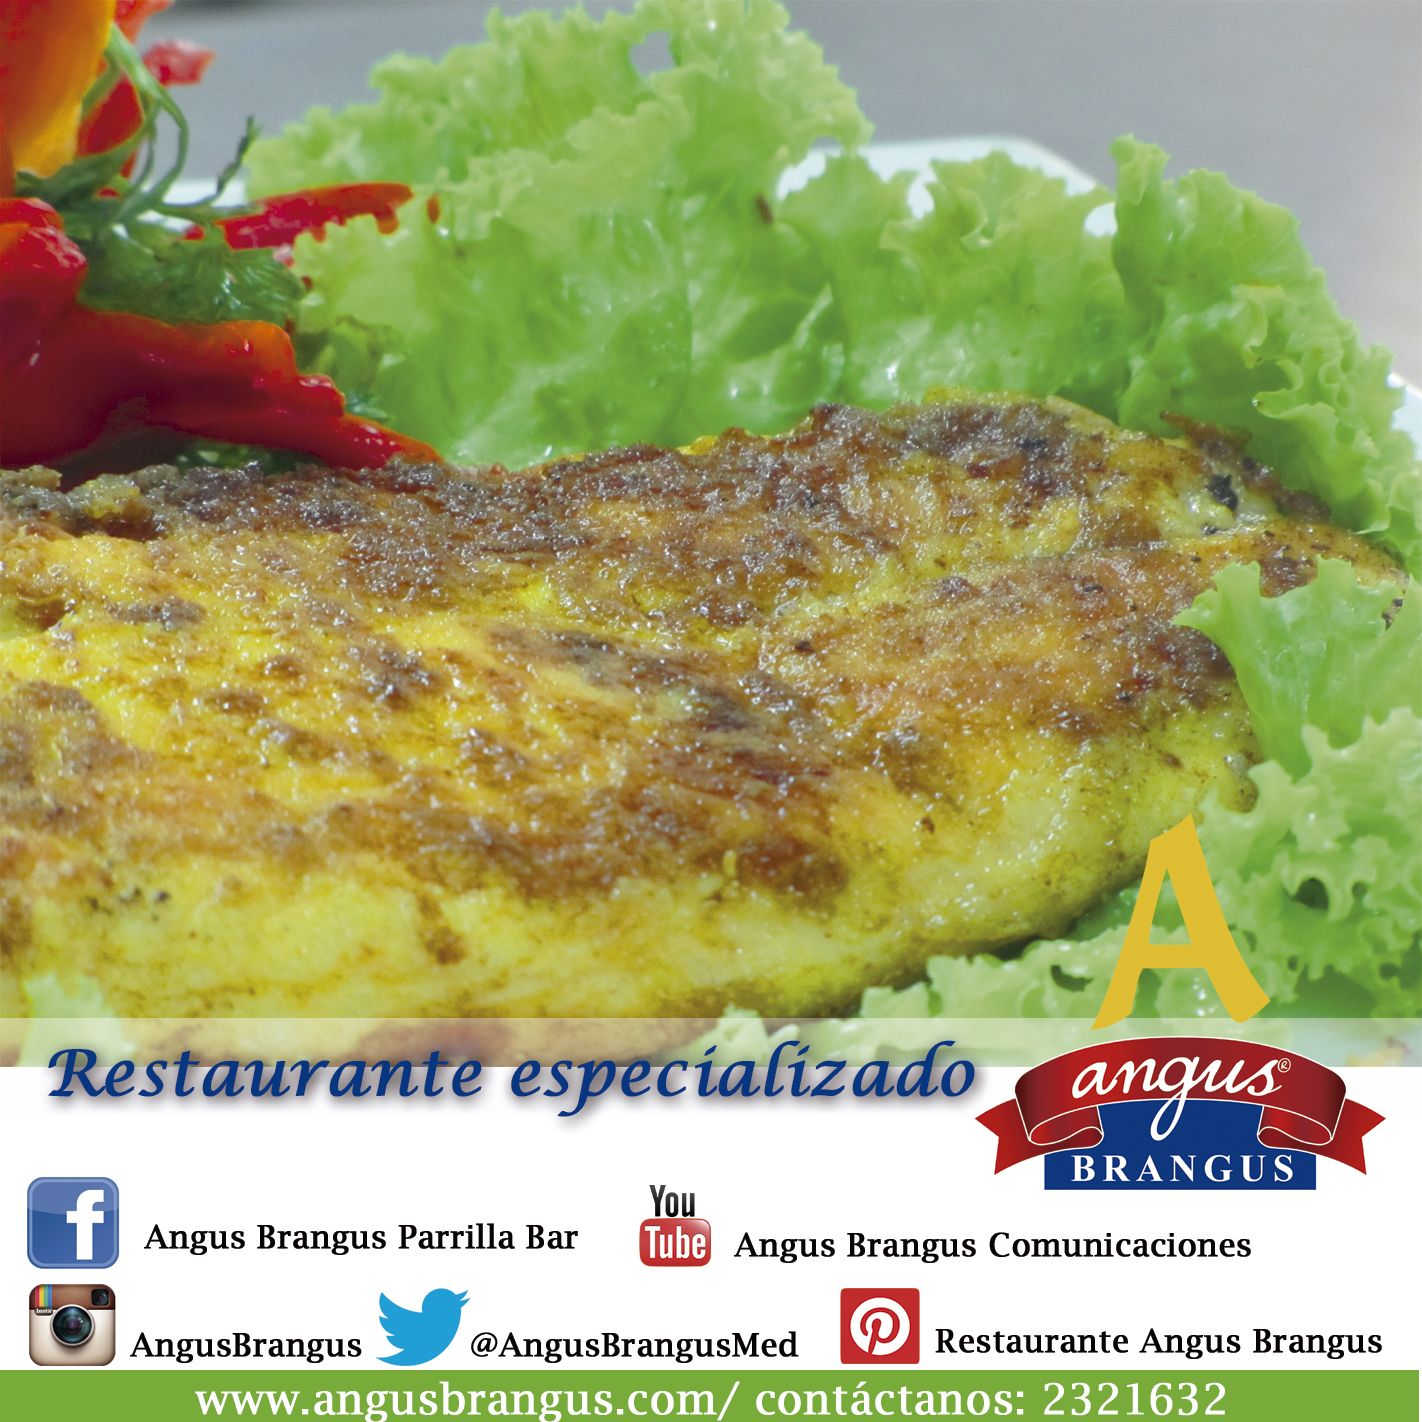 ¿Ya sabes dónde almorzar? en #AngusBrangus encuentra una gran variedad de preparaciones internacionales. ¡Ven y disfrútalos! #RestaurantesMedellín #RestaurantesEspecializados #Recomendados #Hoy